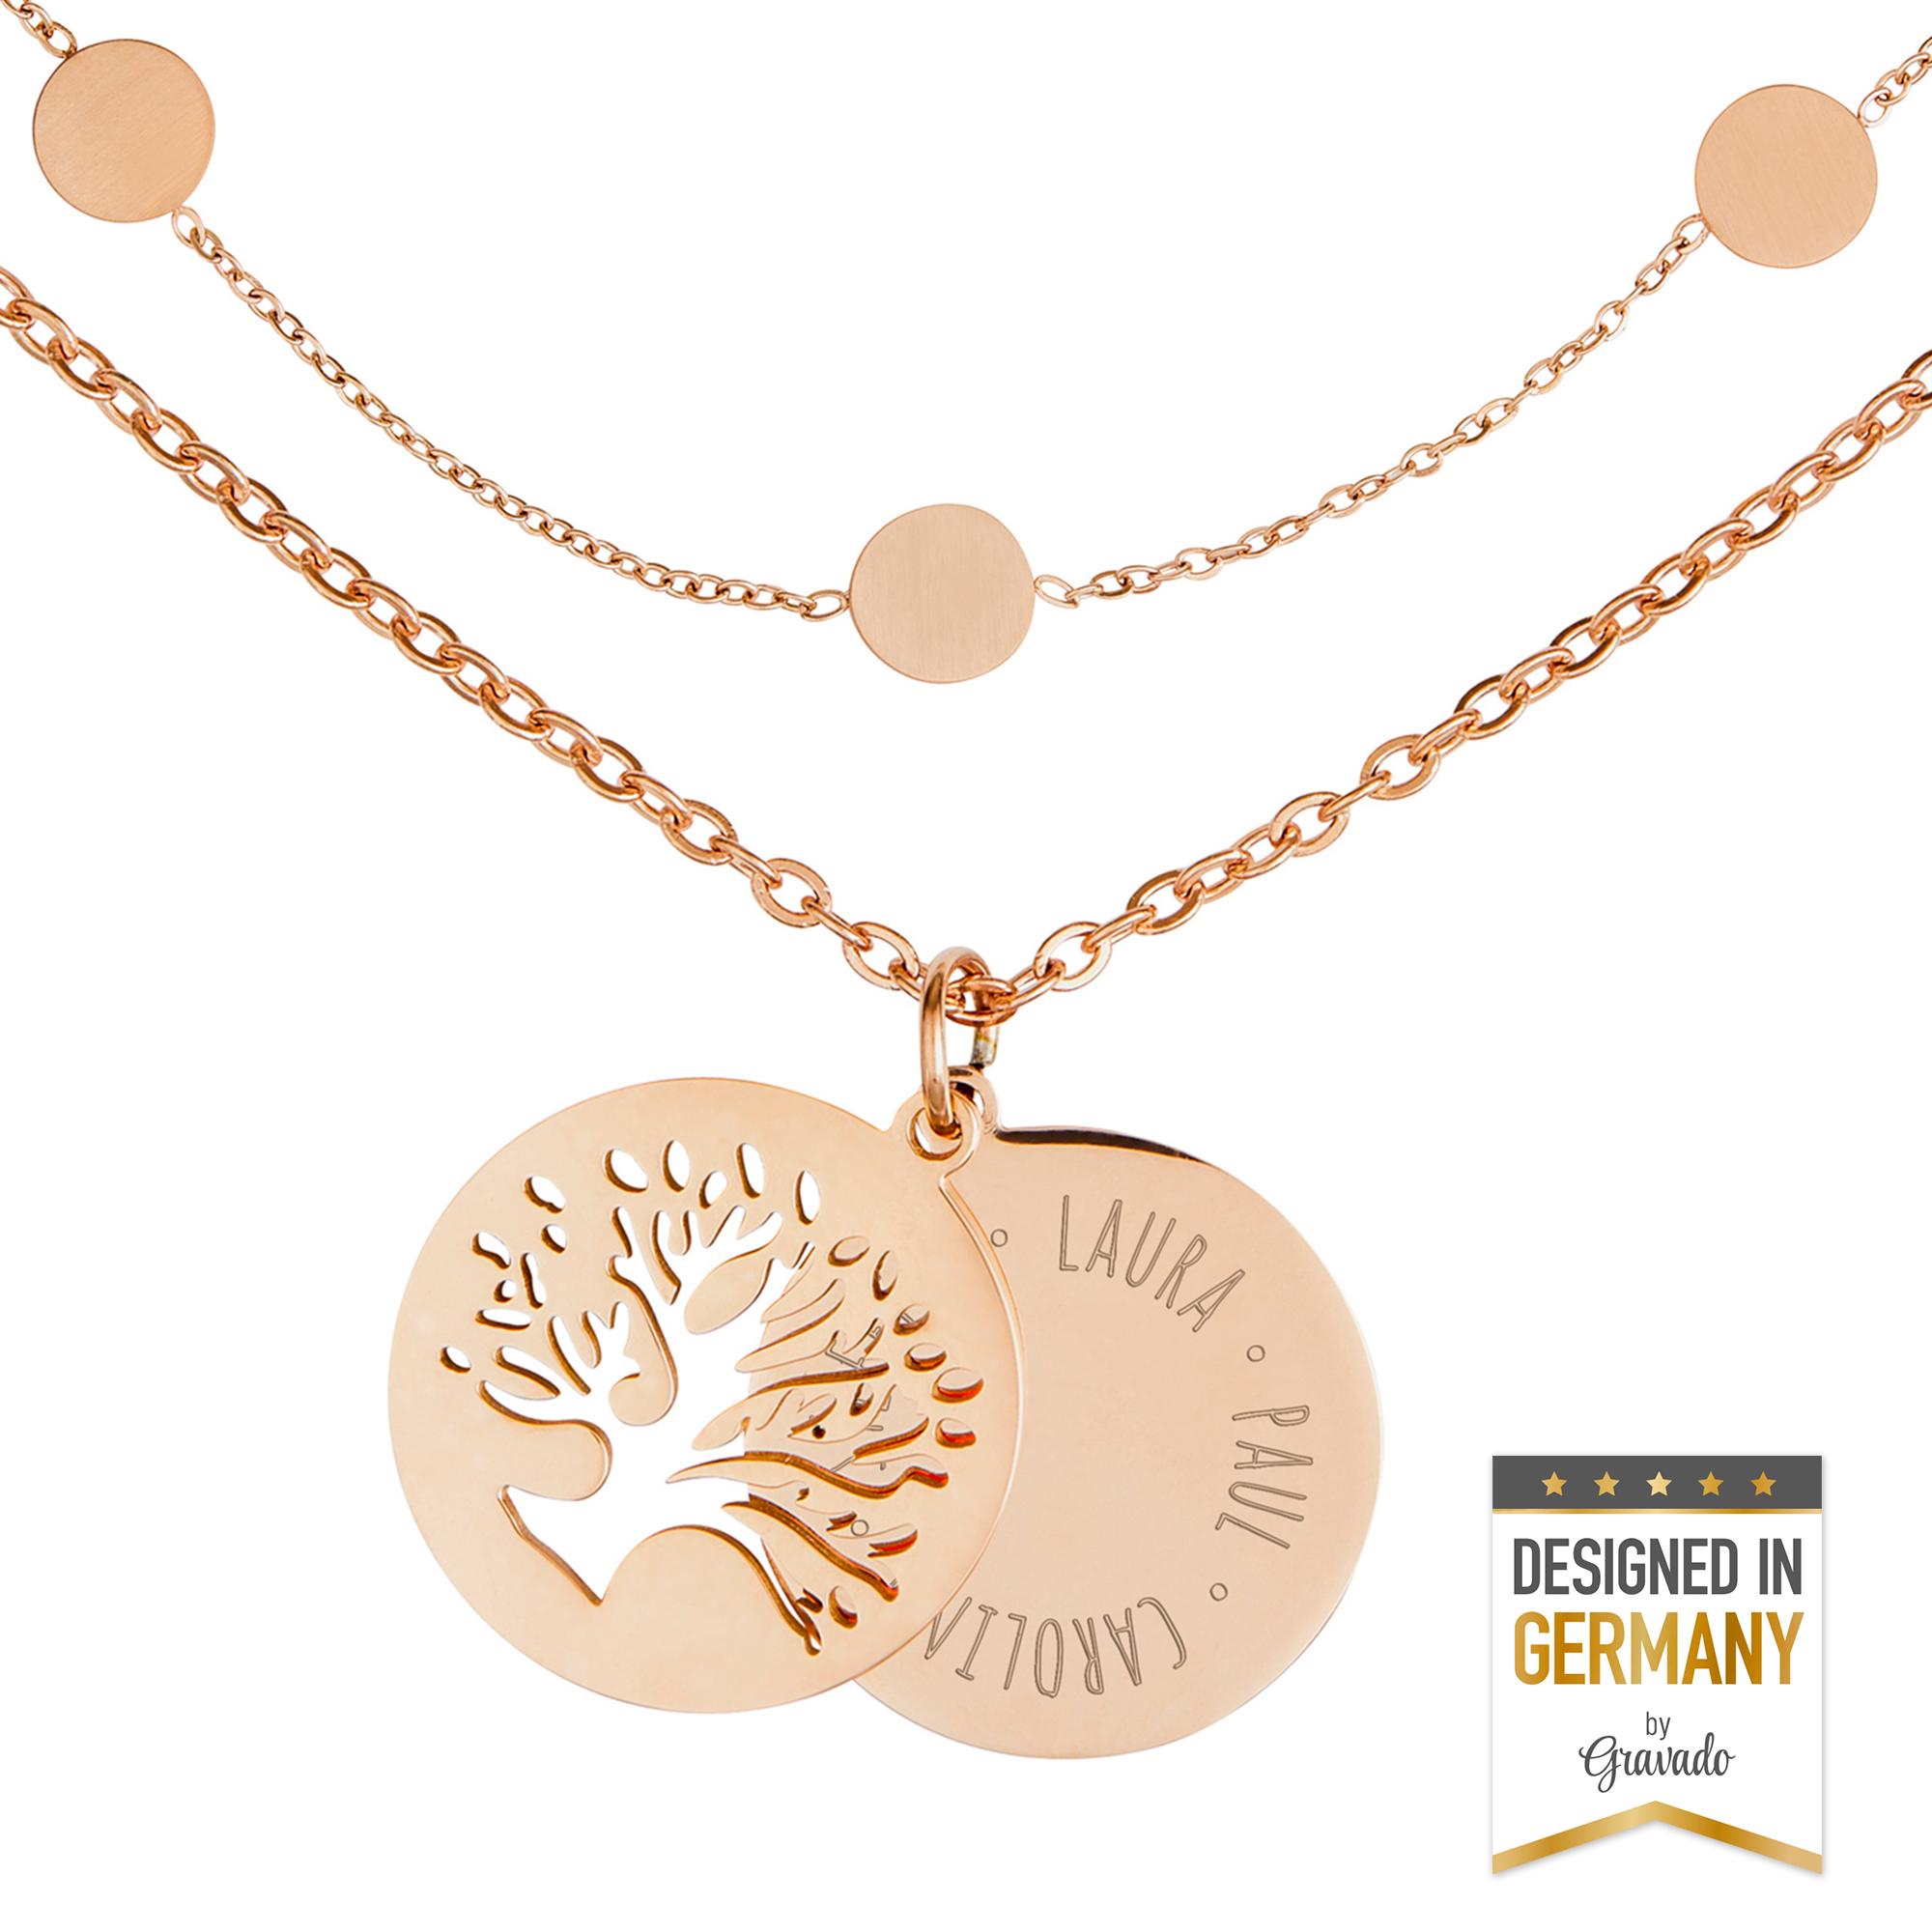 Set Layering Kette und Halskette Baum - Roségold - Personalisiert